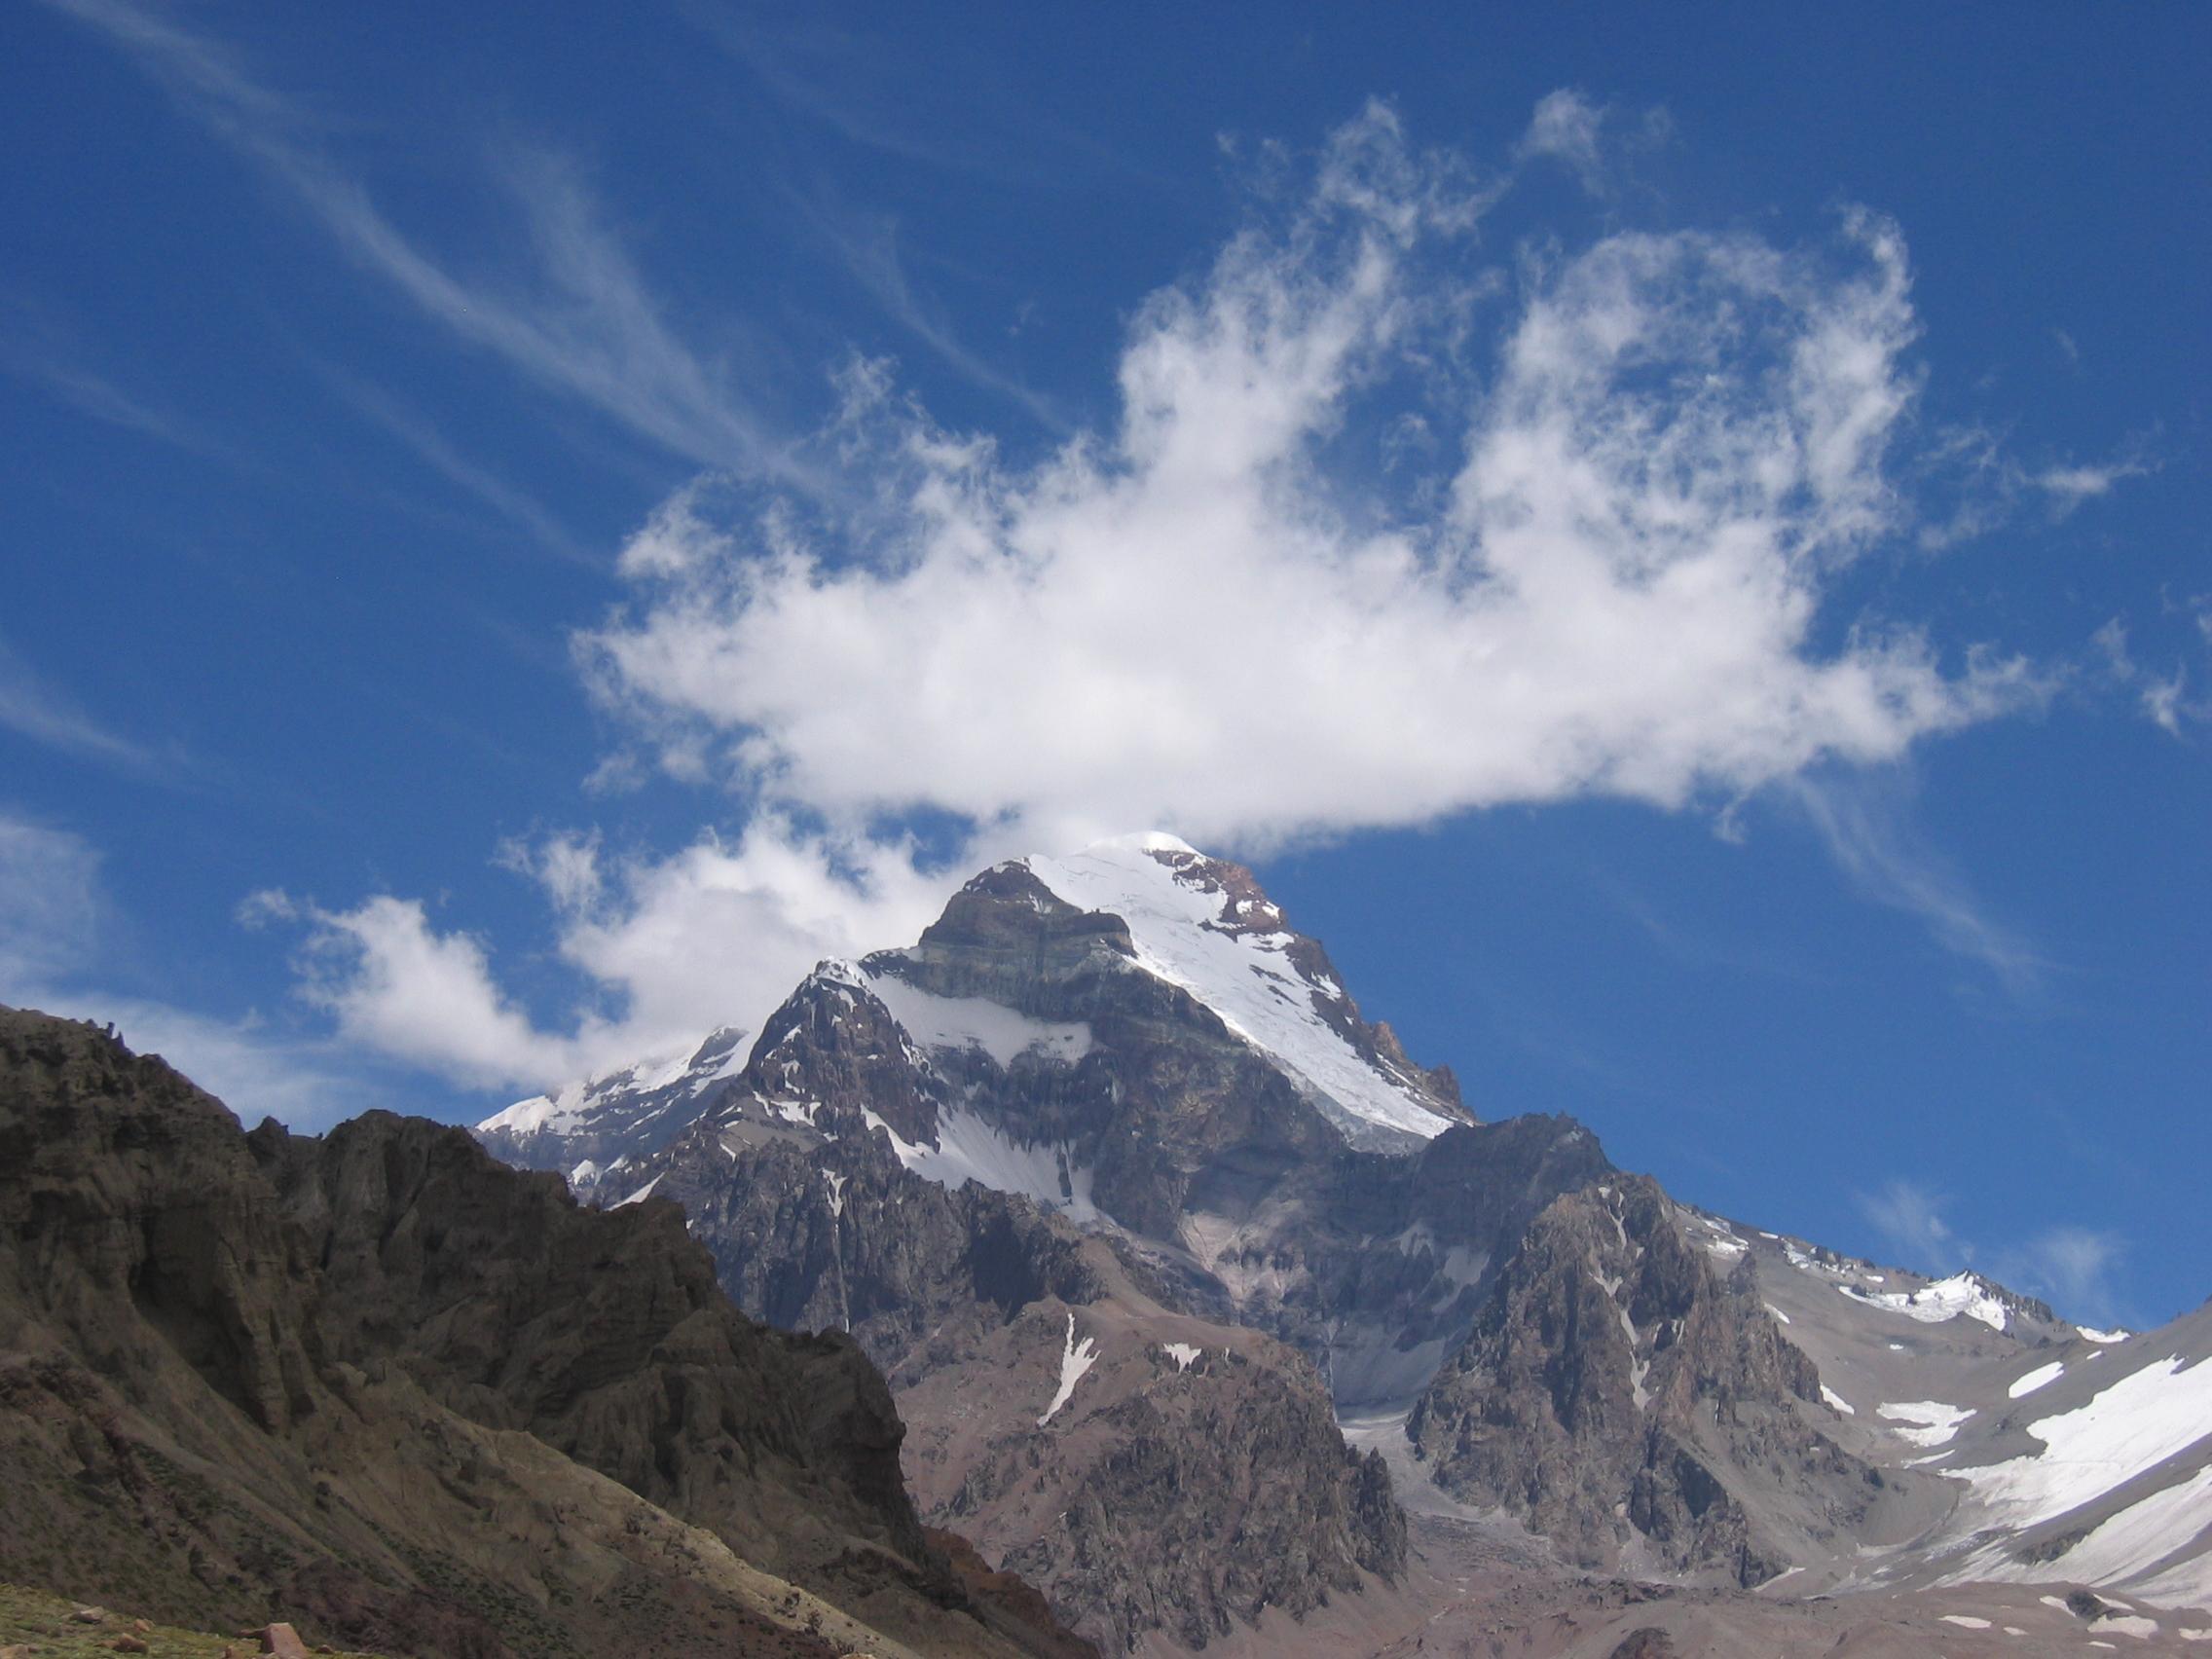 Moe Al Thani   Mount Aconcagua